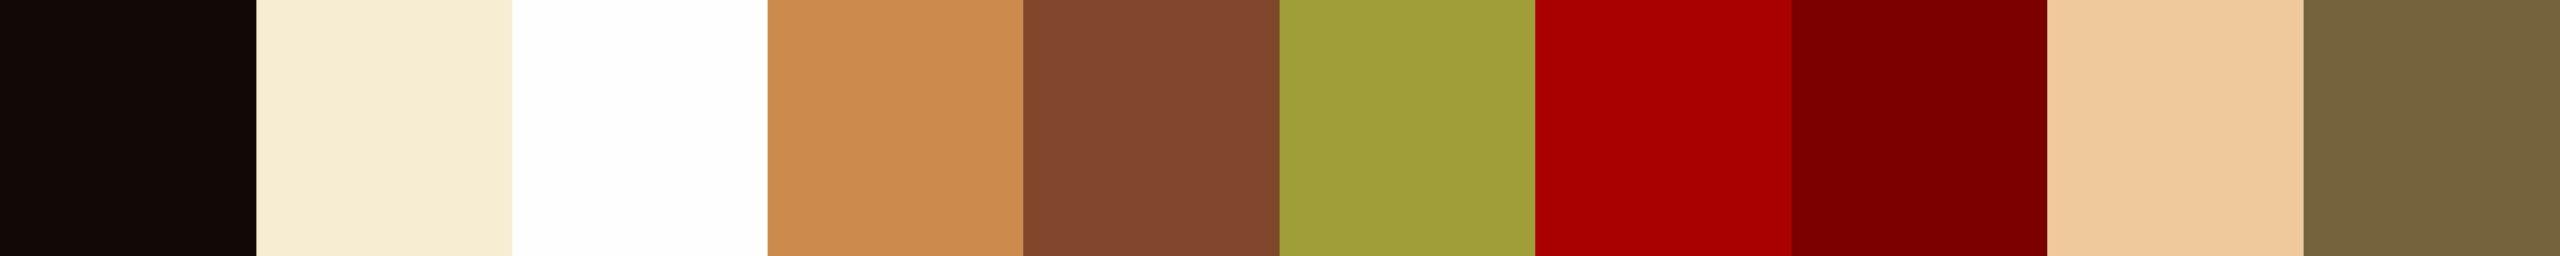 277 Voukectia Color Palette